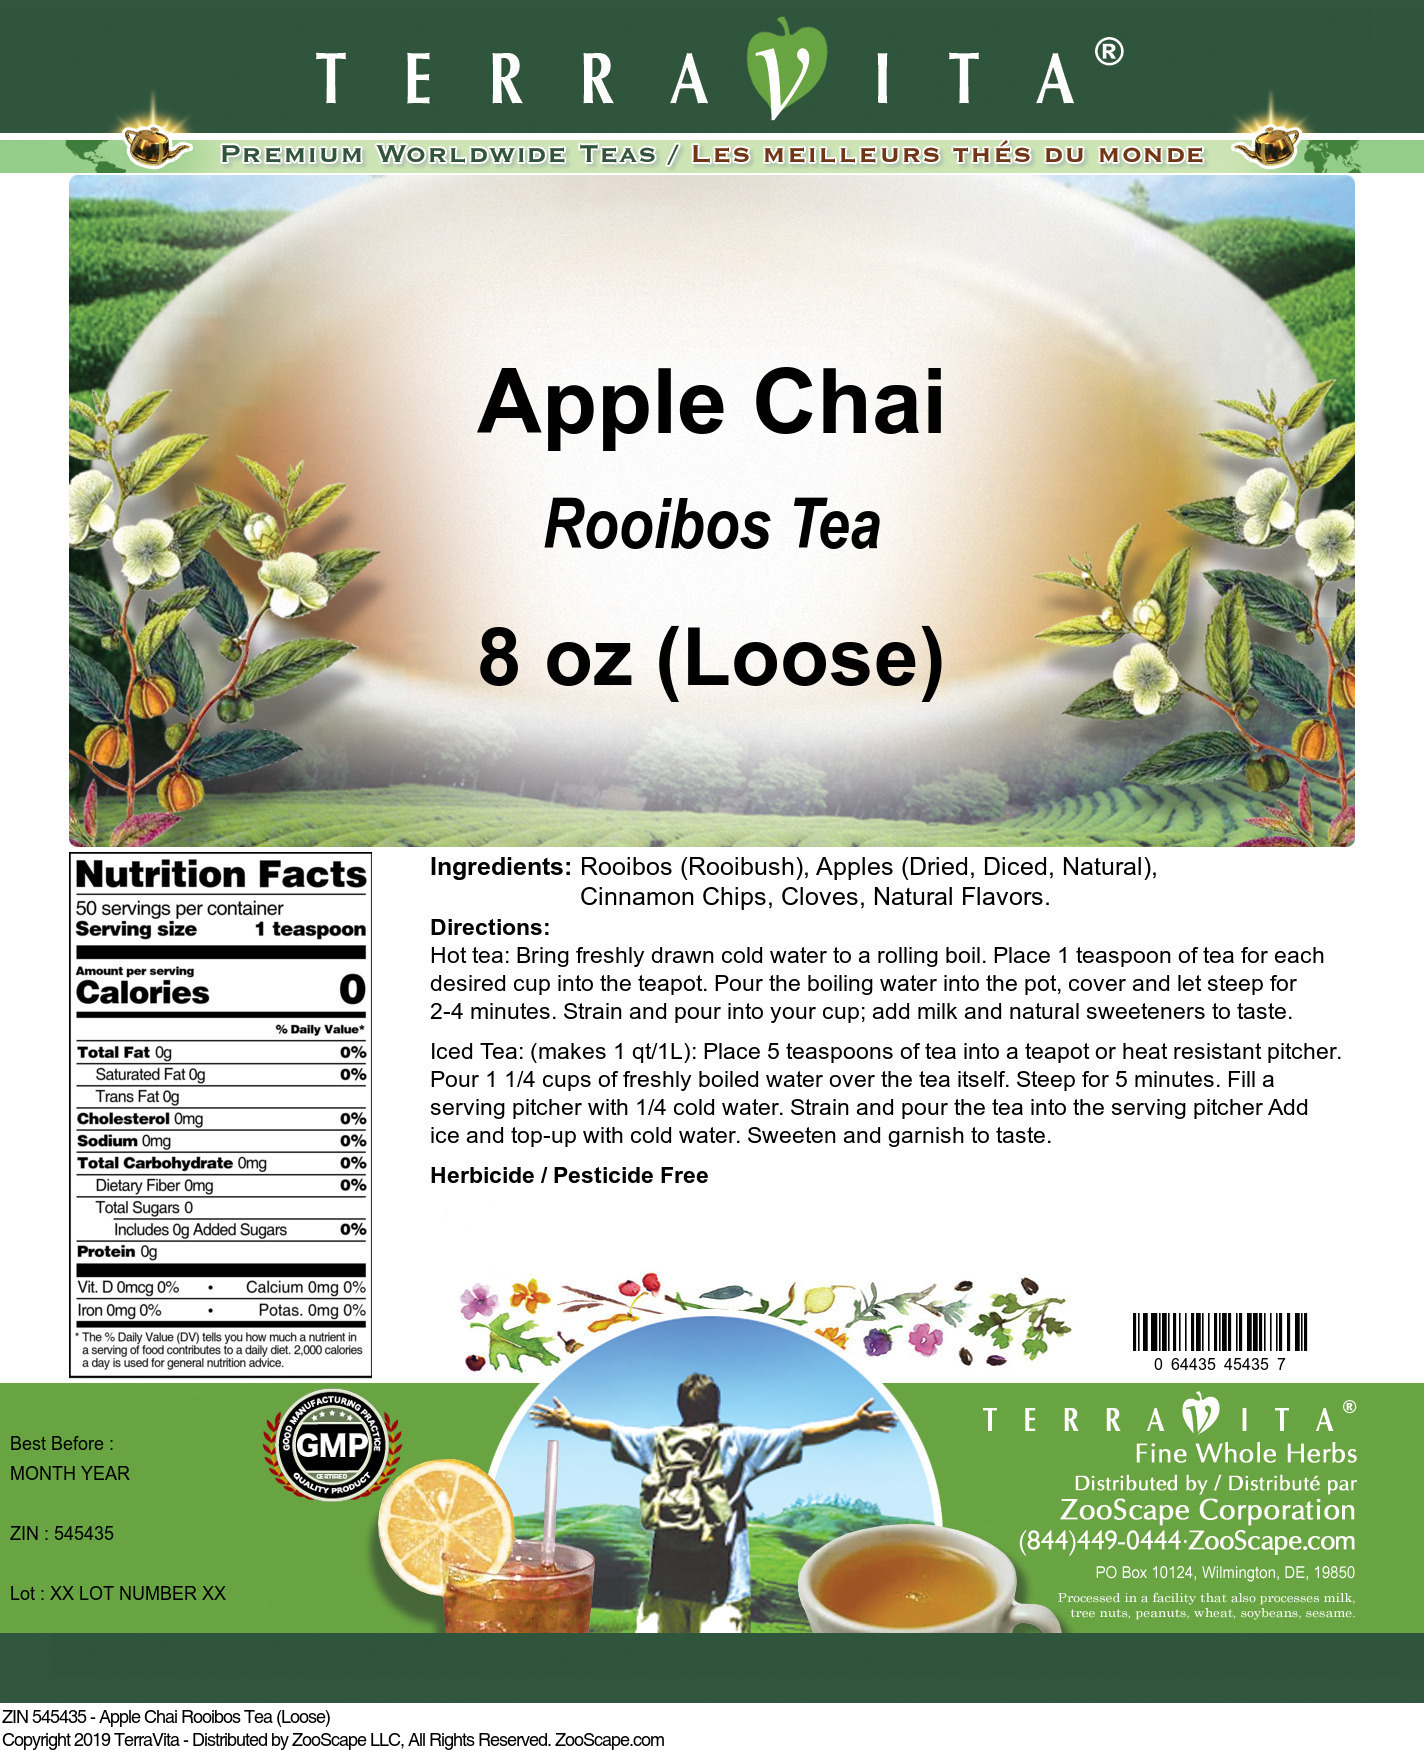 Apple Chai Rooibos Tea (Loose)